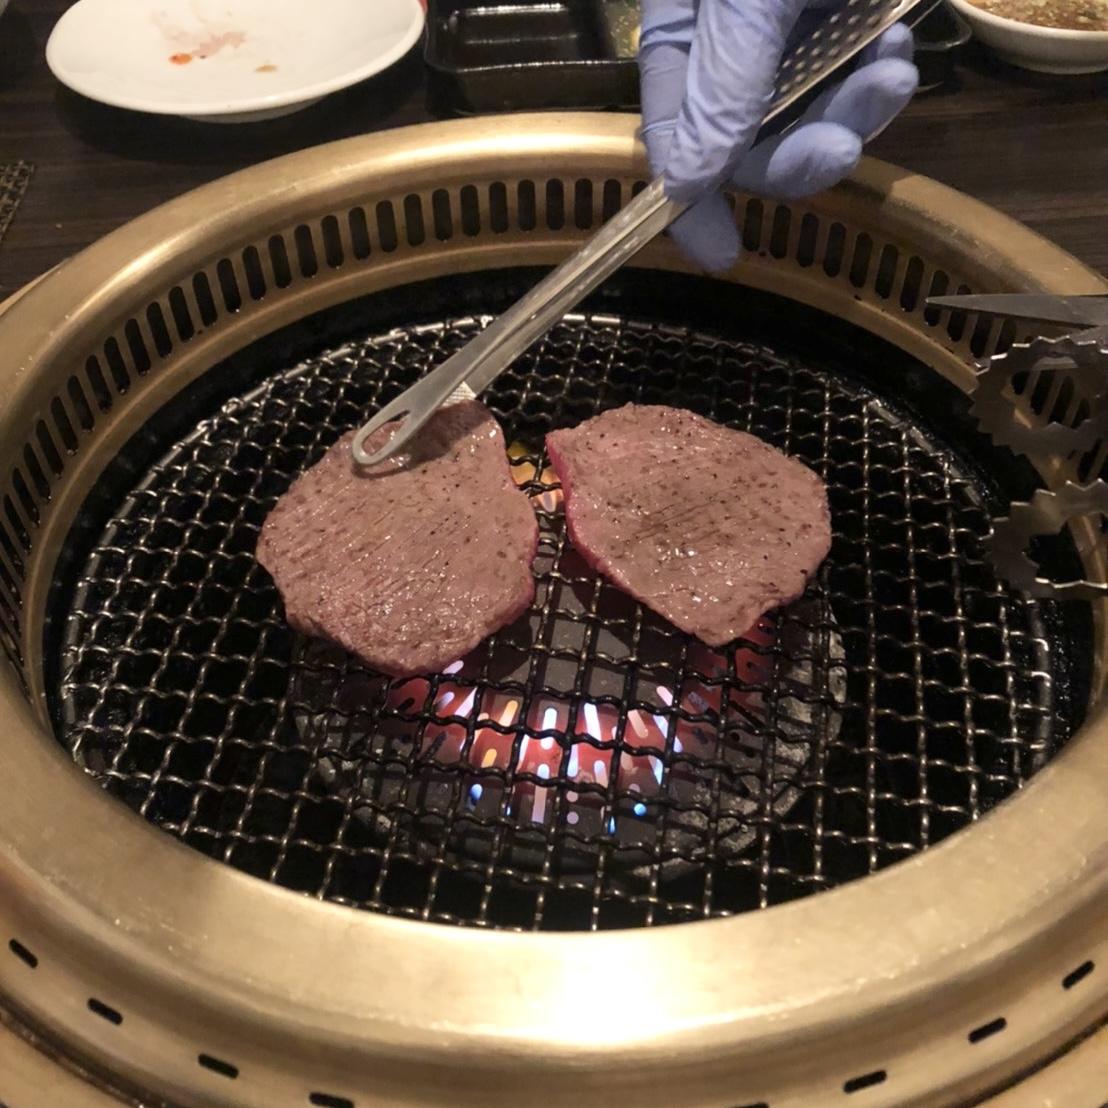 【食べログ ランキング1位!】予約困難の超人気焼肉店《SATOブリアン》に行ってきました♡_1